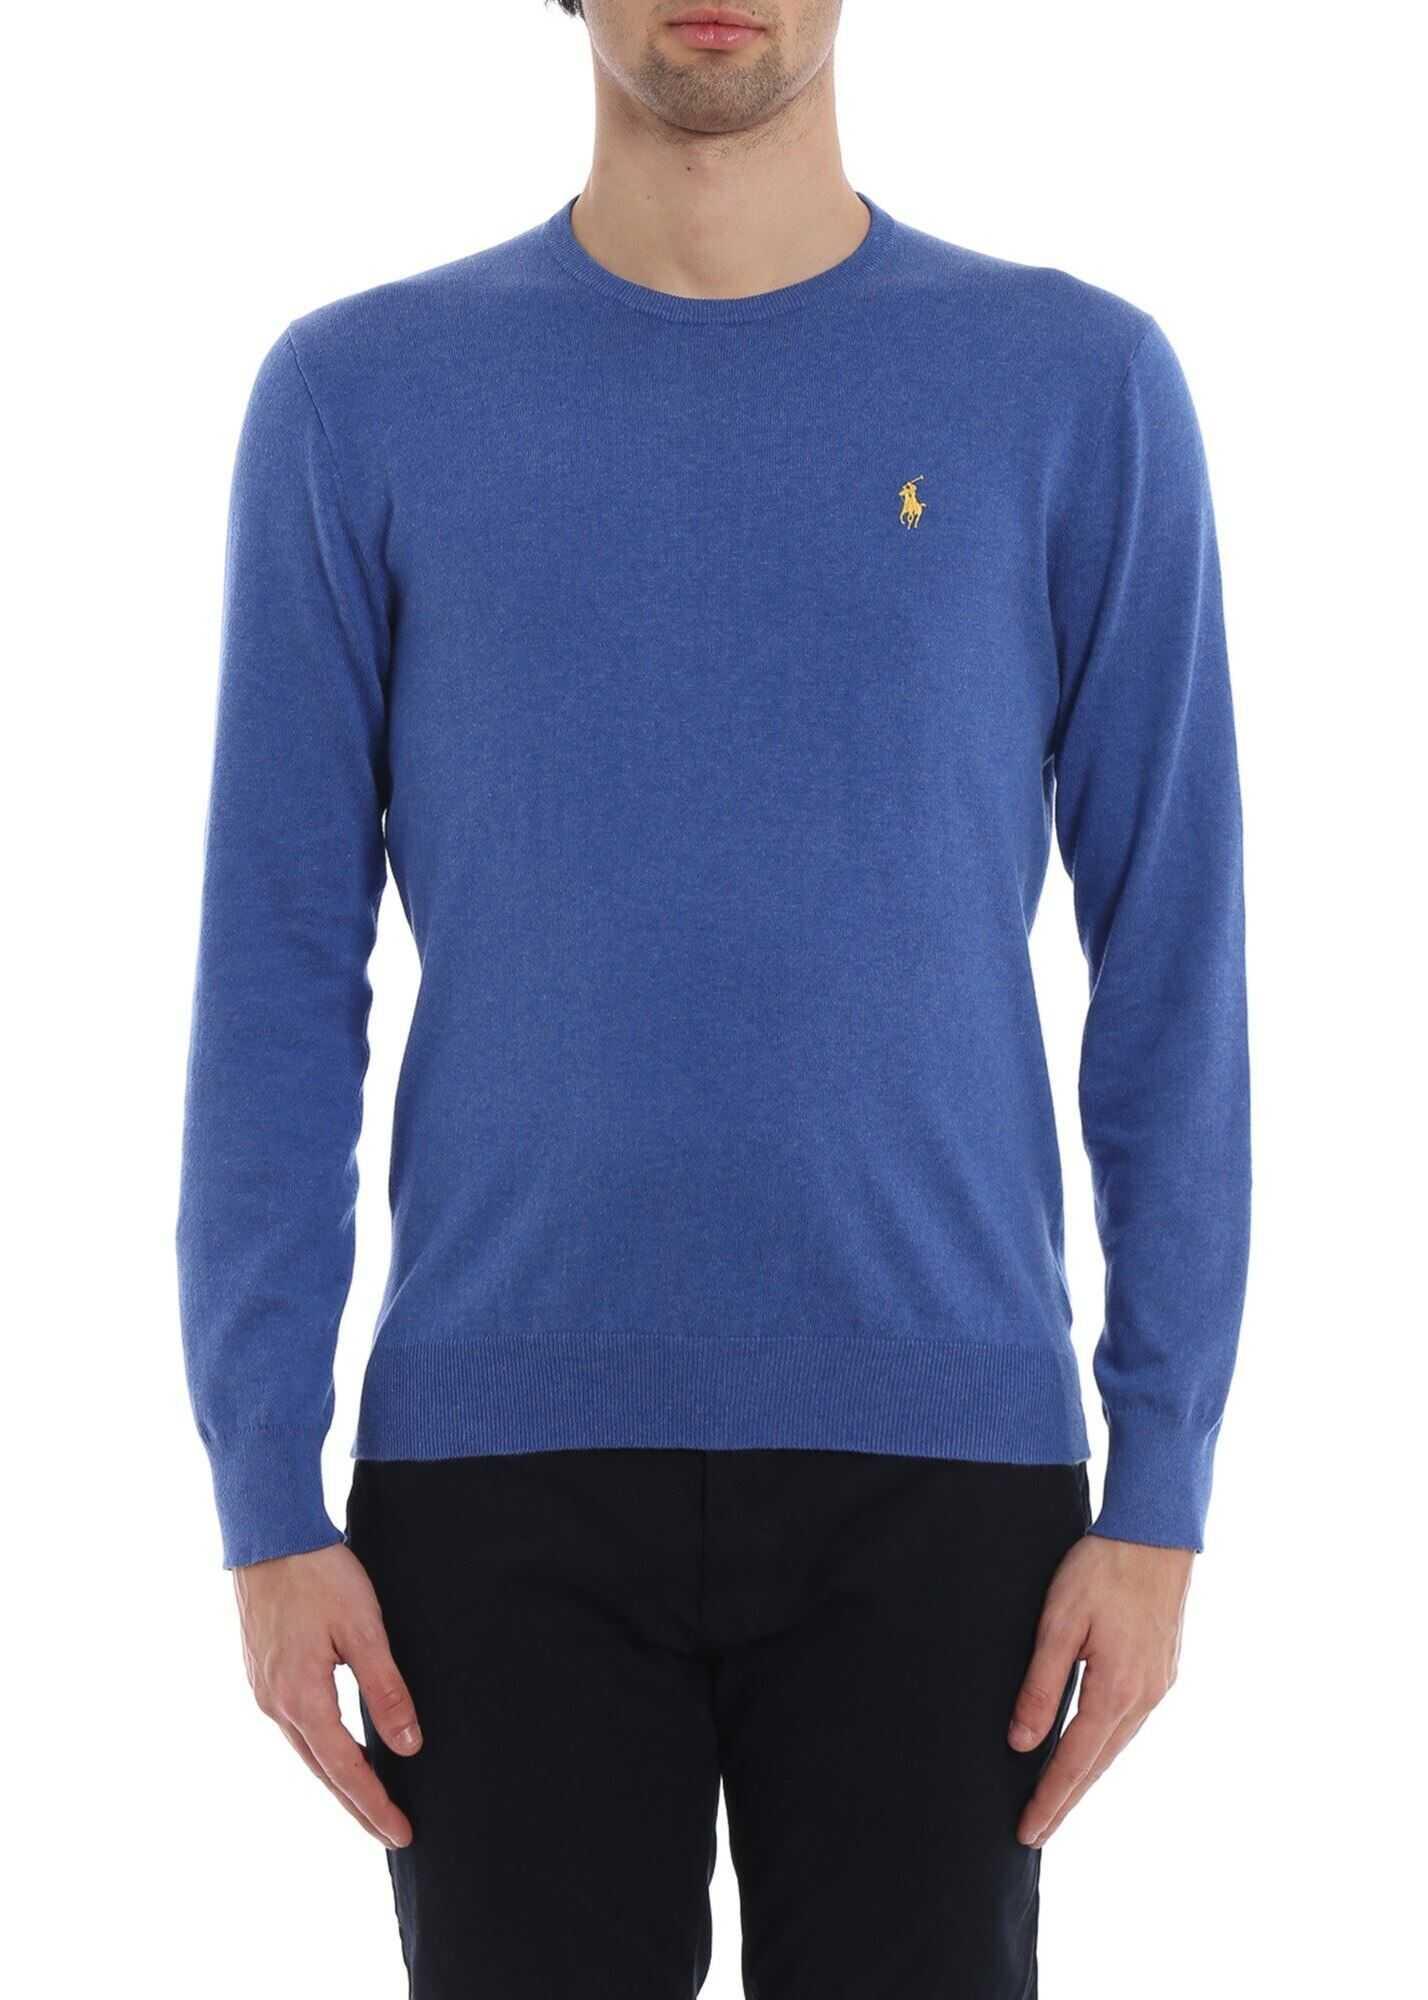 Ralph Lauren Slim Fit Royal Blue Cotton Sweater Blue